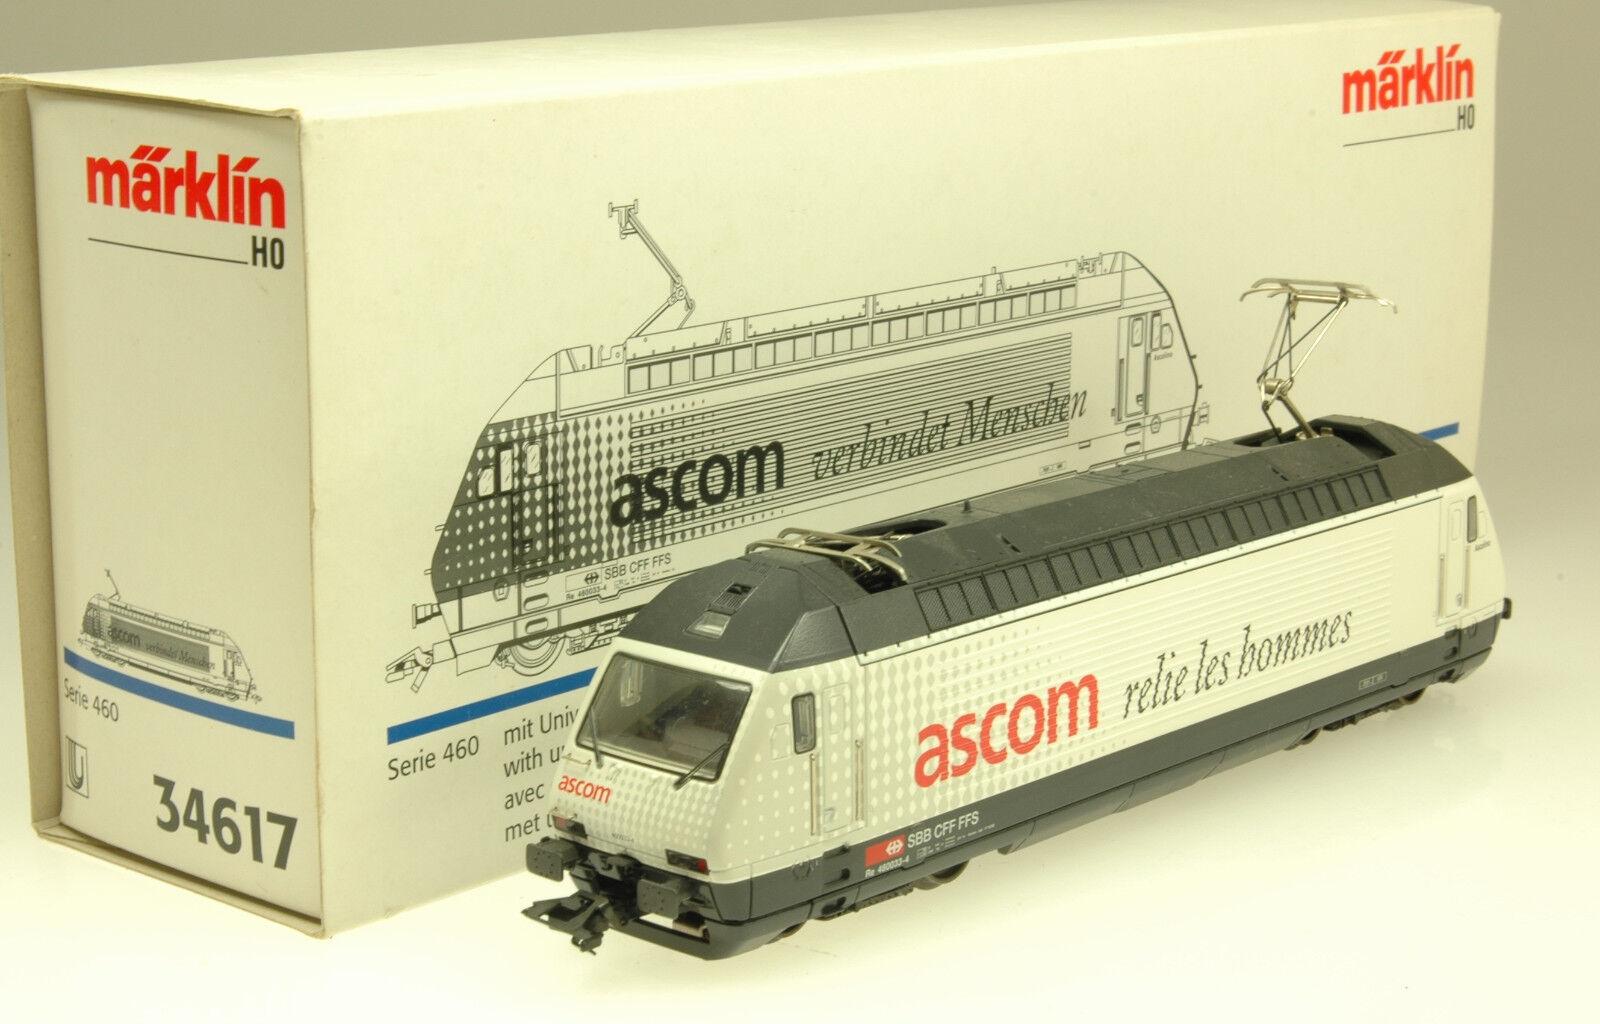 (7 041) Märklin h0 AC e-Lok re 4 4 460 033-4 SBB Ascom Delta (arti. n. 34617)